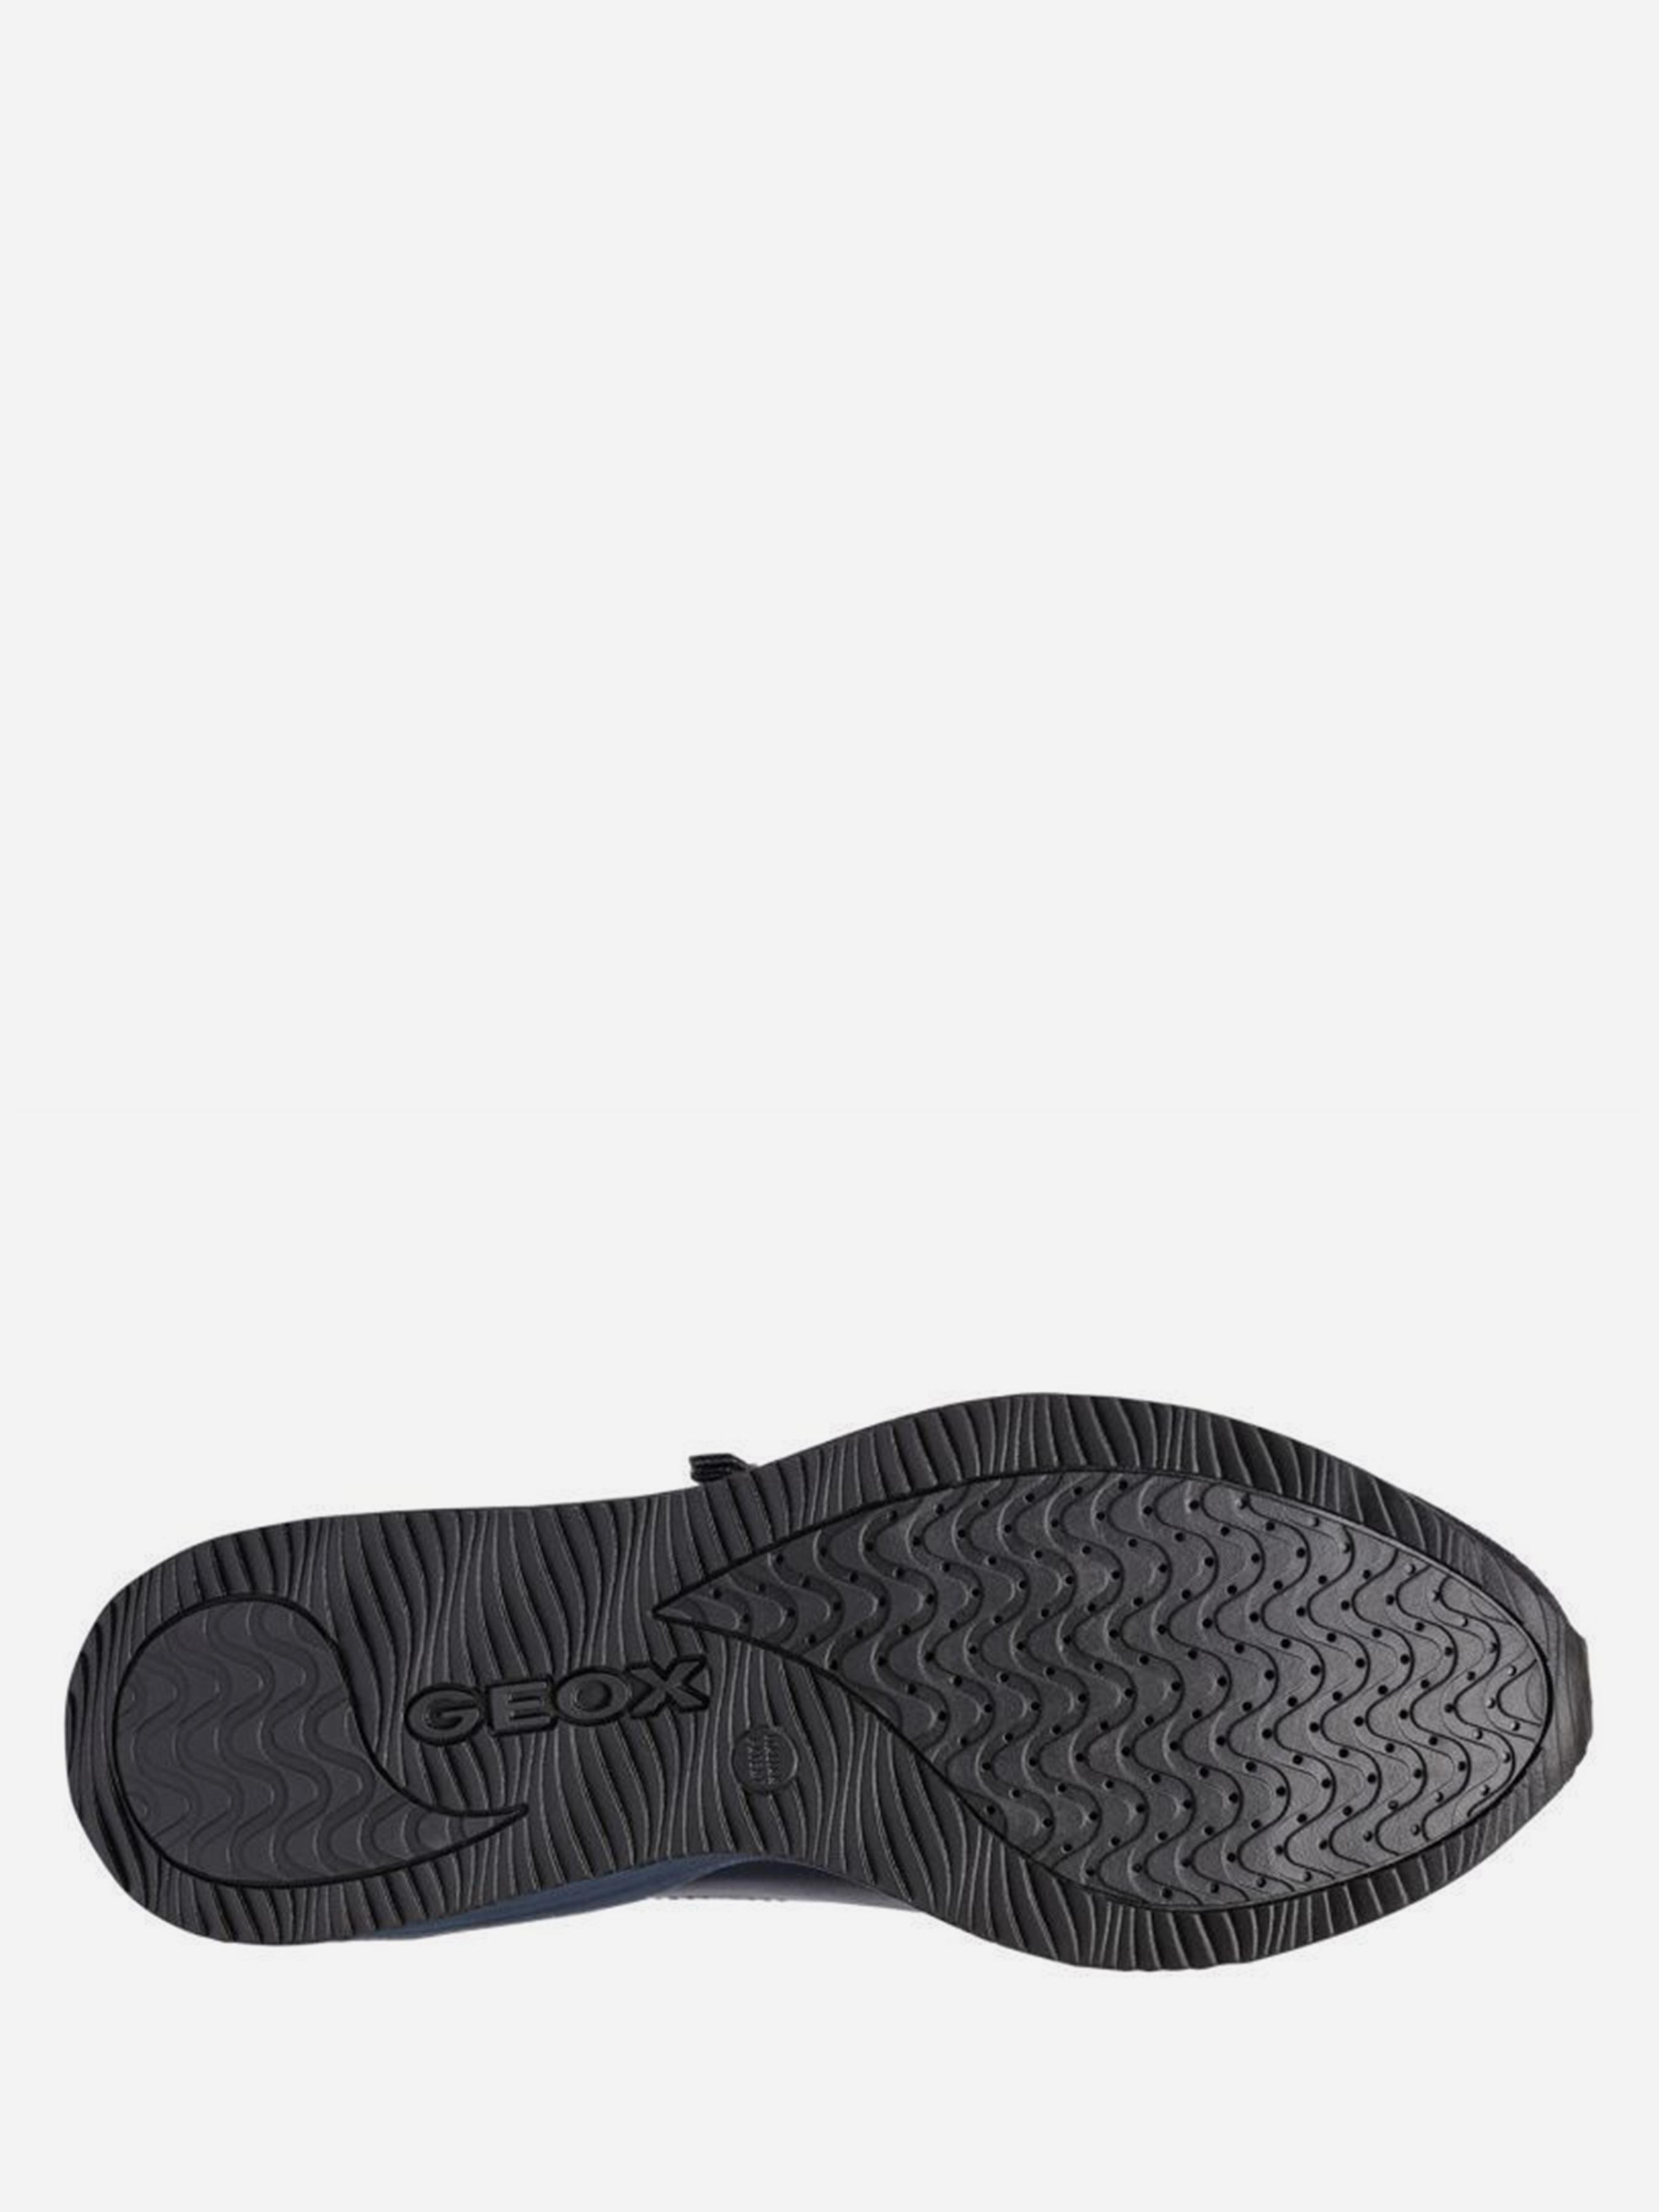 Кроссовки для женщин Geox OMAYA XW3316 купить обувь, 2017